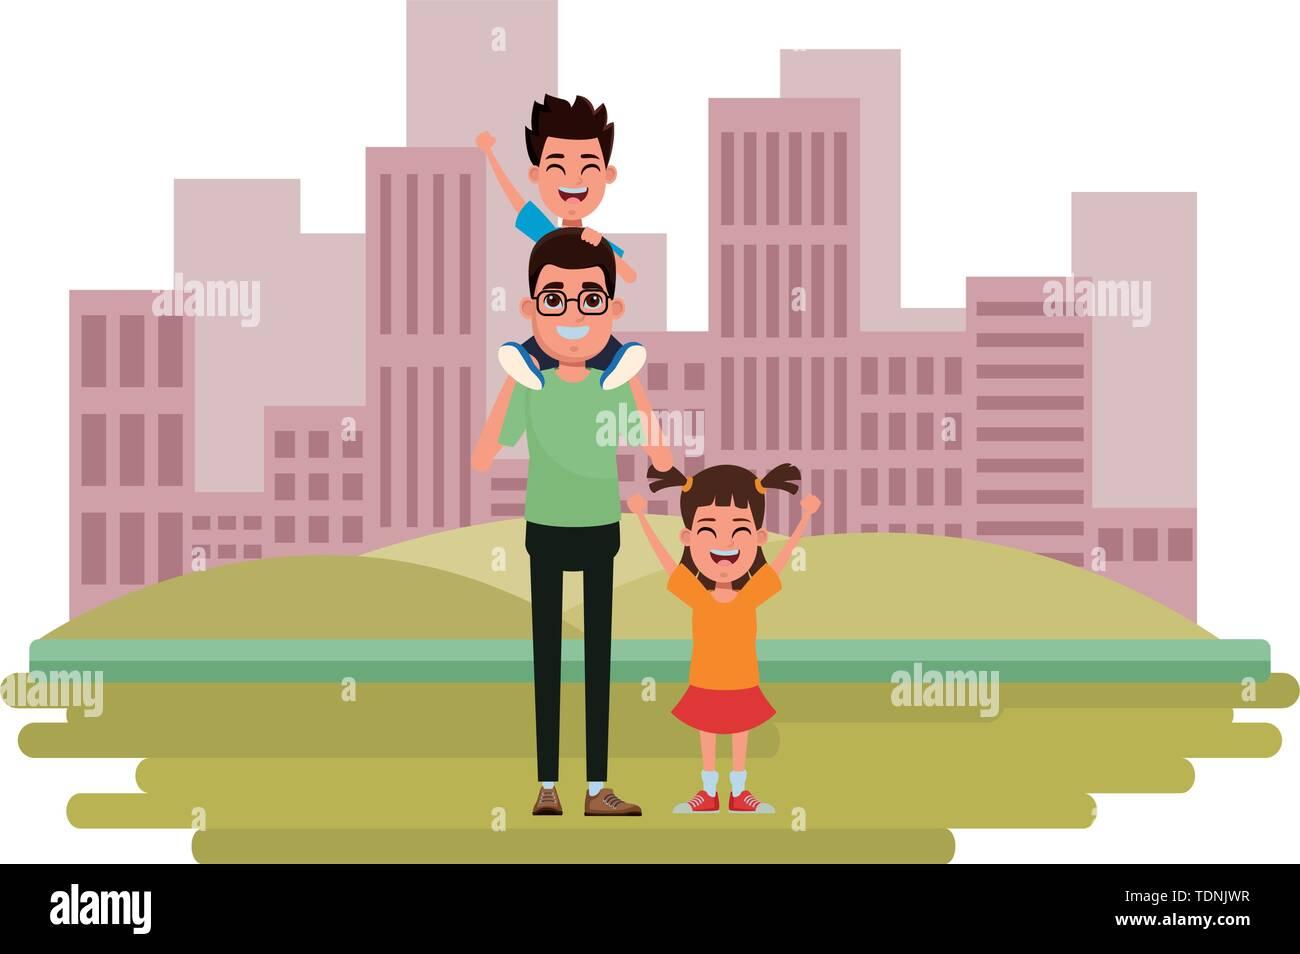 Familie avatar Vater mit Brille tragen ein Junge in der Schulter neben einem Kind Profil Bild Cartoon Character Portrait über die Stockbild